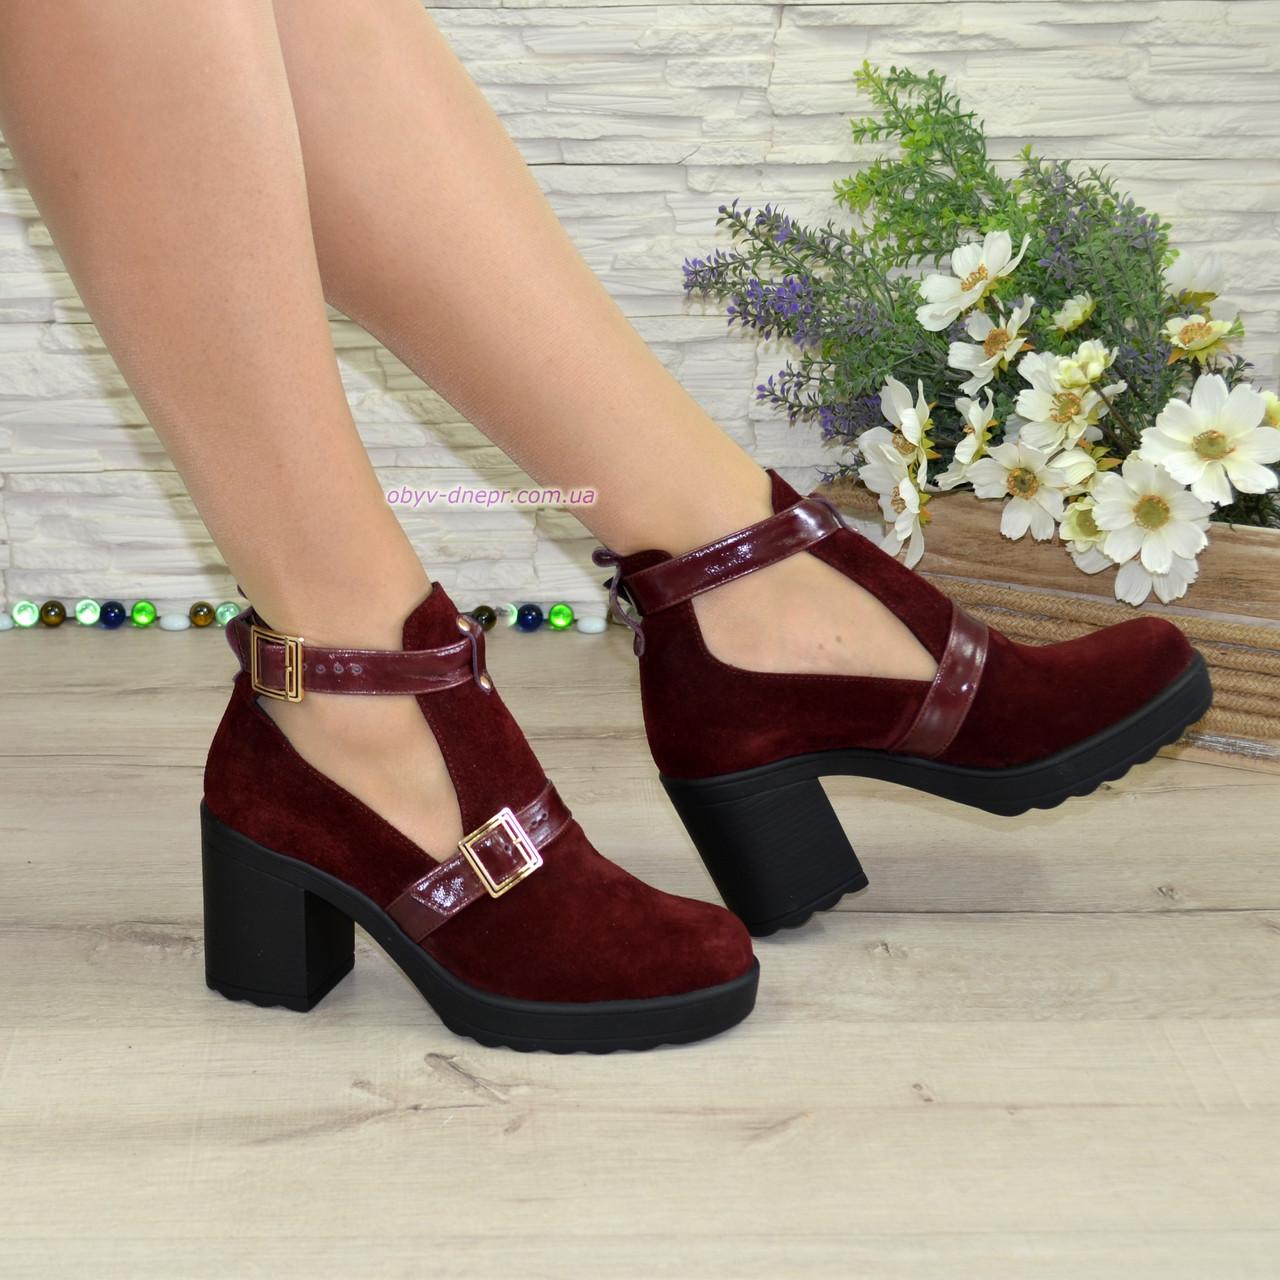 bfeed70eb ... Ботильоны открытые замшевые женские на устойчивом каблуке, цвет бордо,  ...